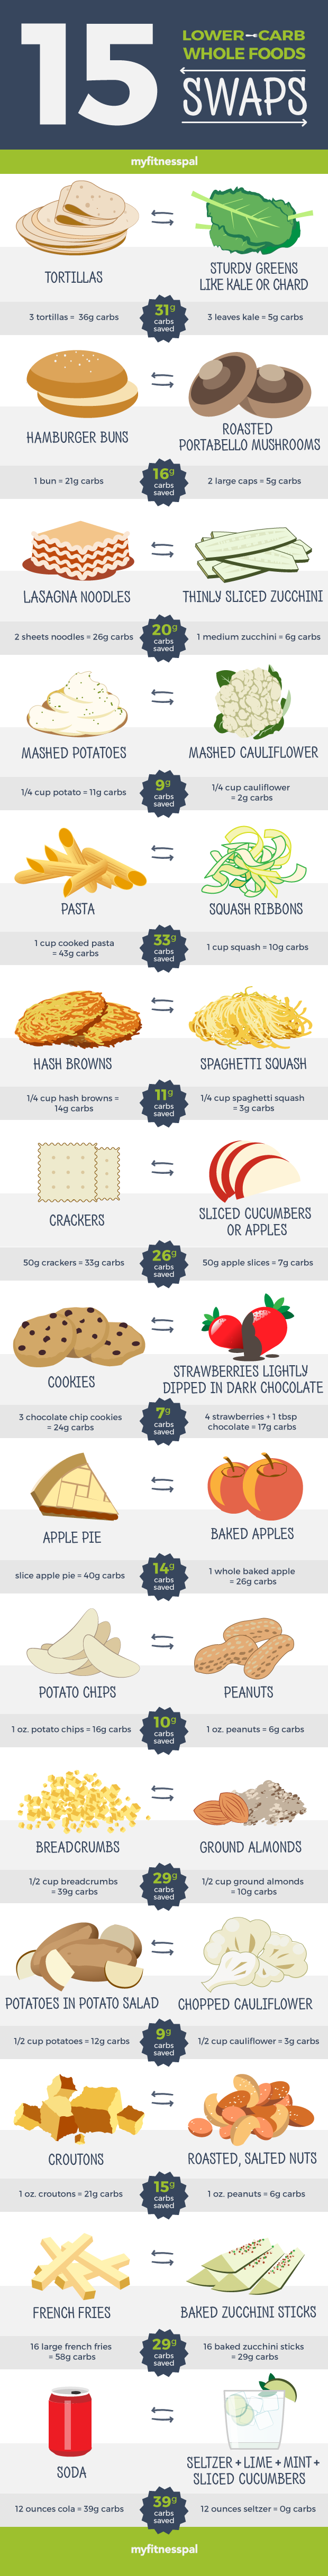 Best breakfast foods to lose belly fat